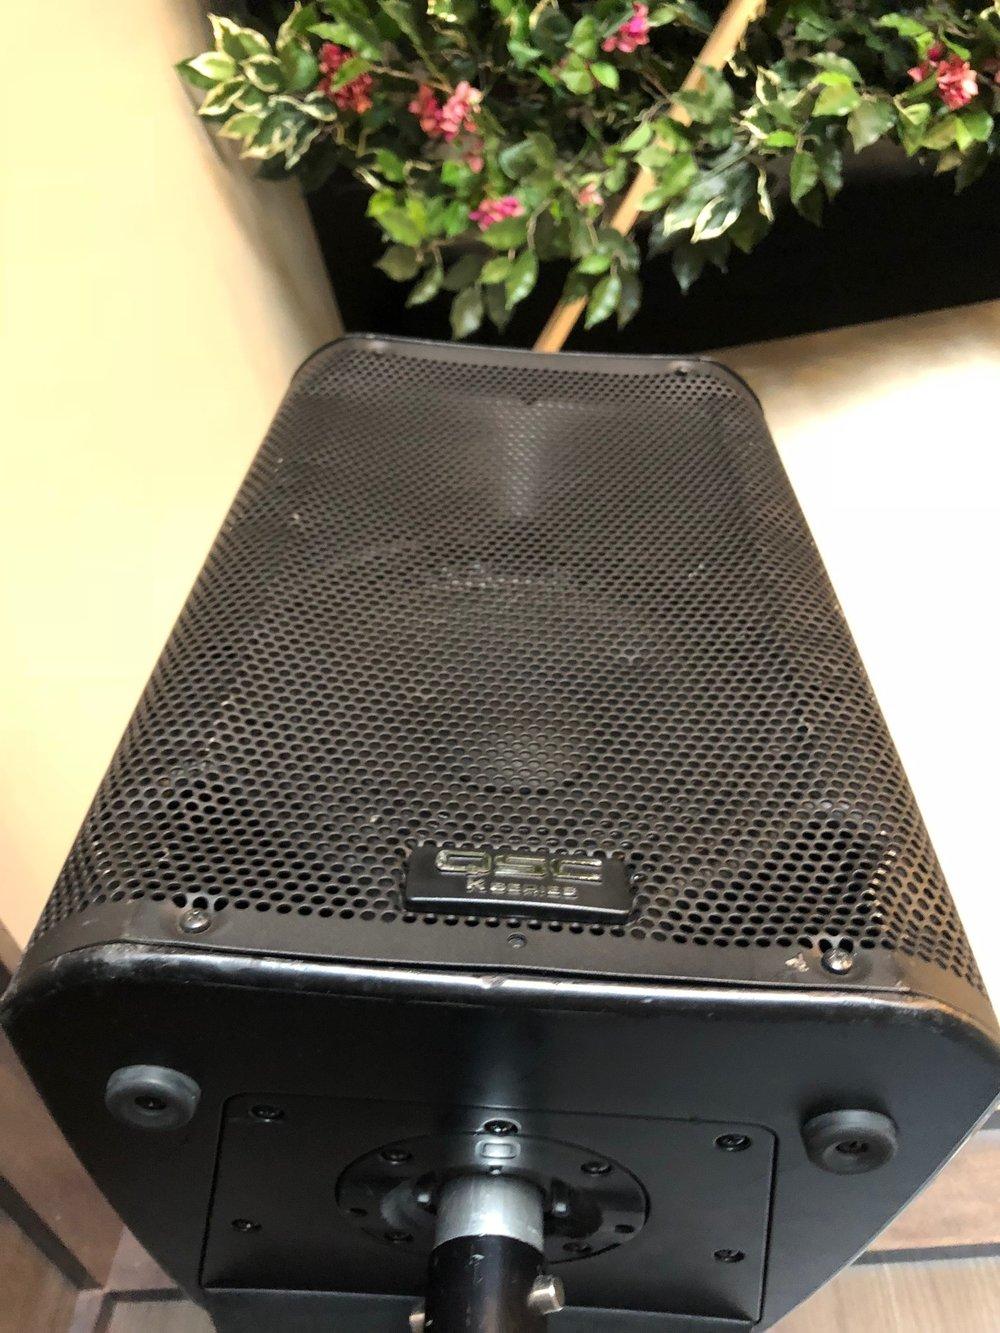 Picture of AV for You speaker rental at Crave in Eden Prairie